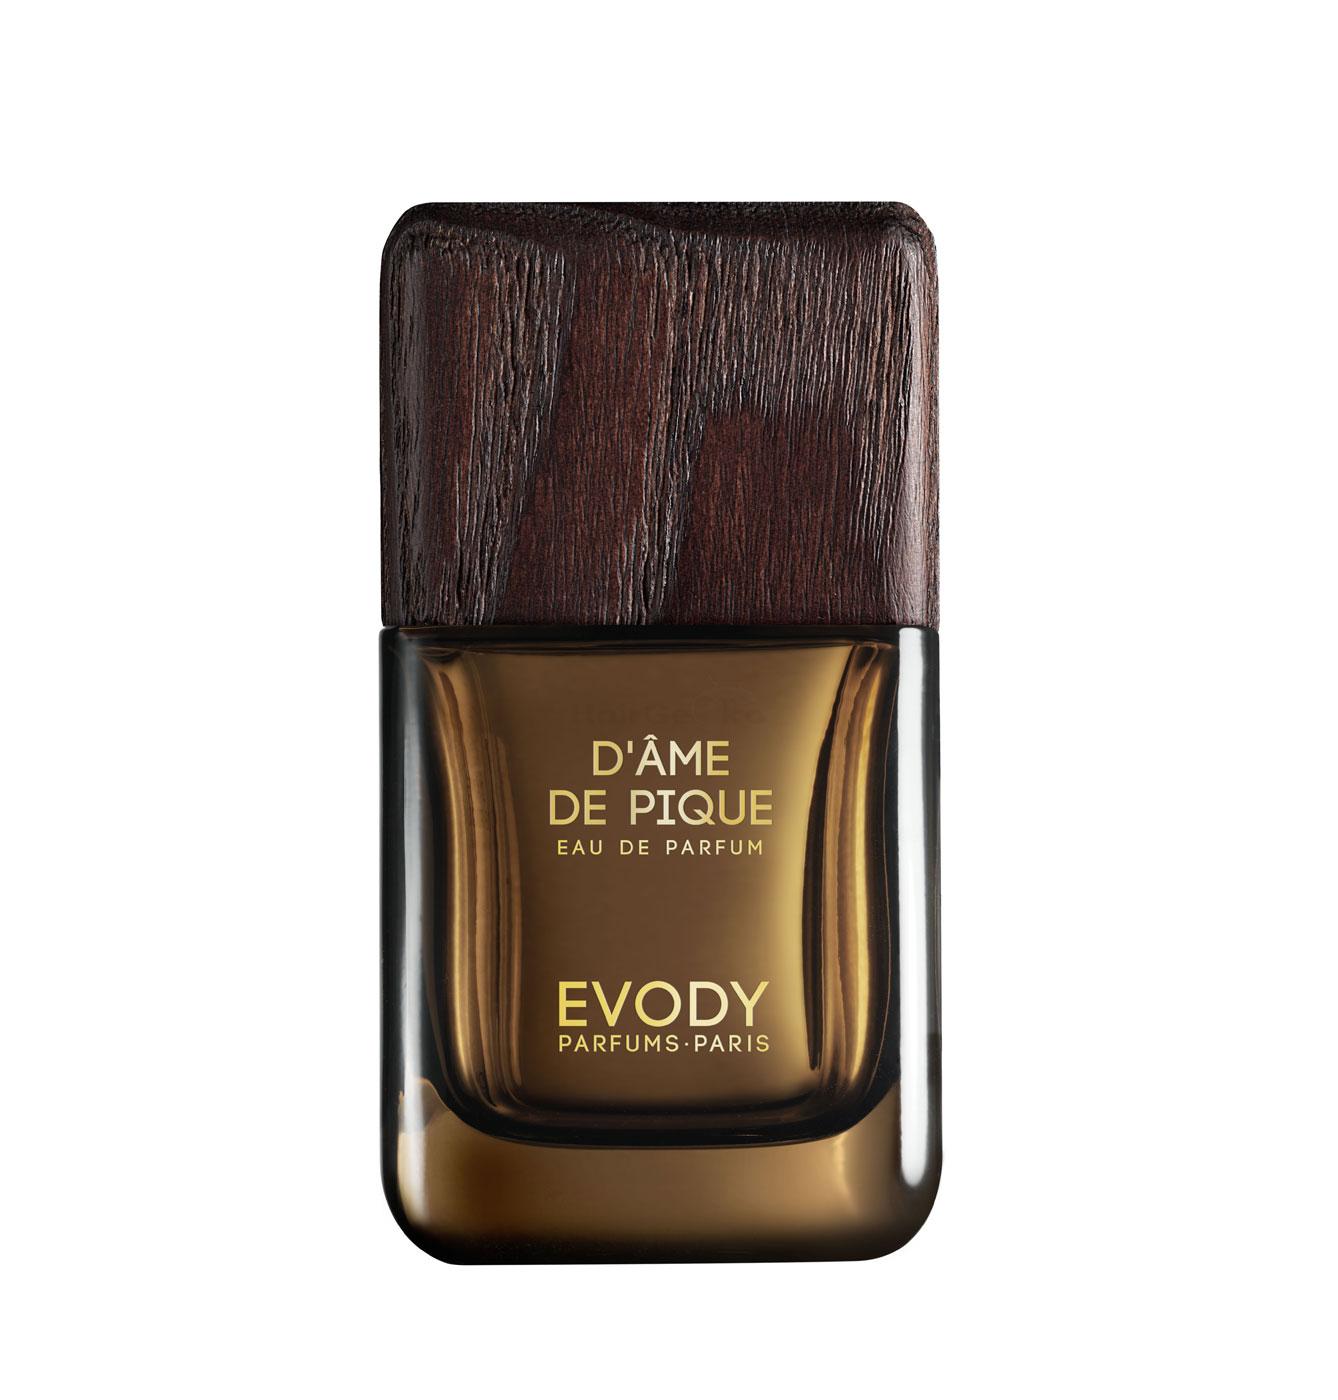 Evody - Collection D'Ailleurs - D'Ame de Pique Eau de Parfum 50ml